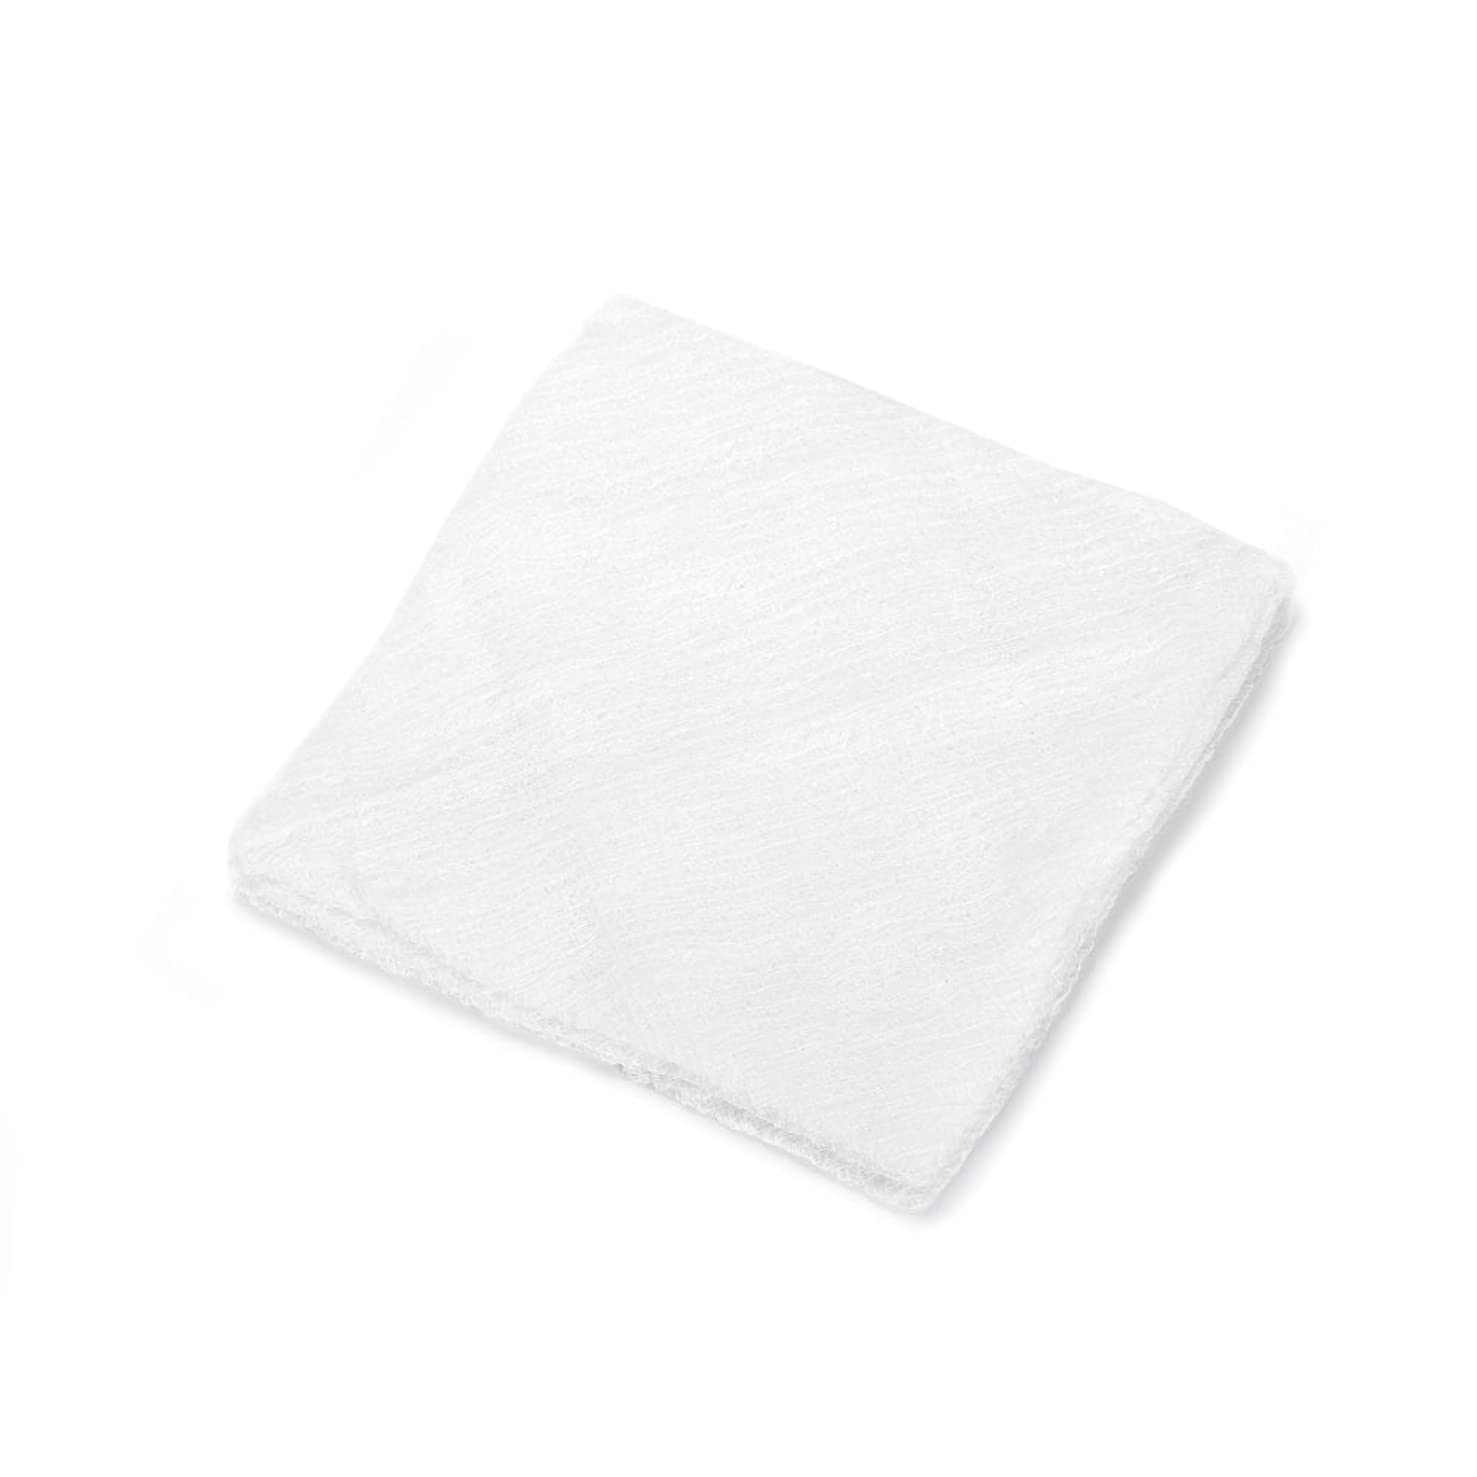 MediChoice Super Fluff Gauze Sponge, Non-Sterile, 9.75x10.75 Inch, White, 1314GZ6503 (Case of 200)